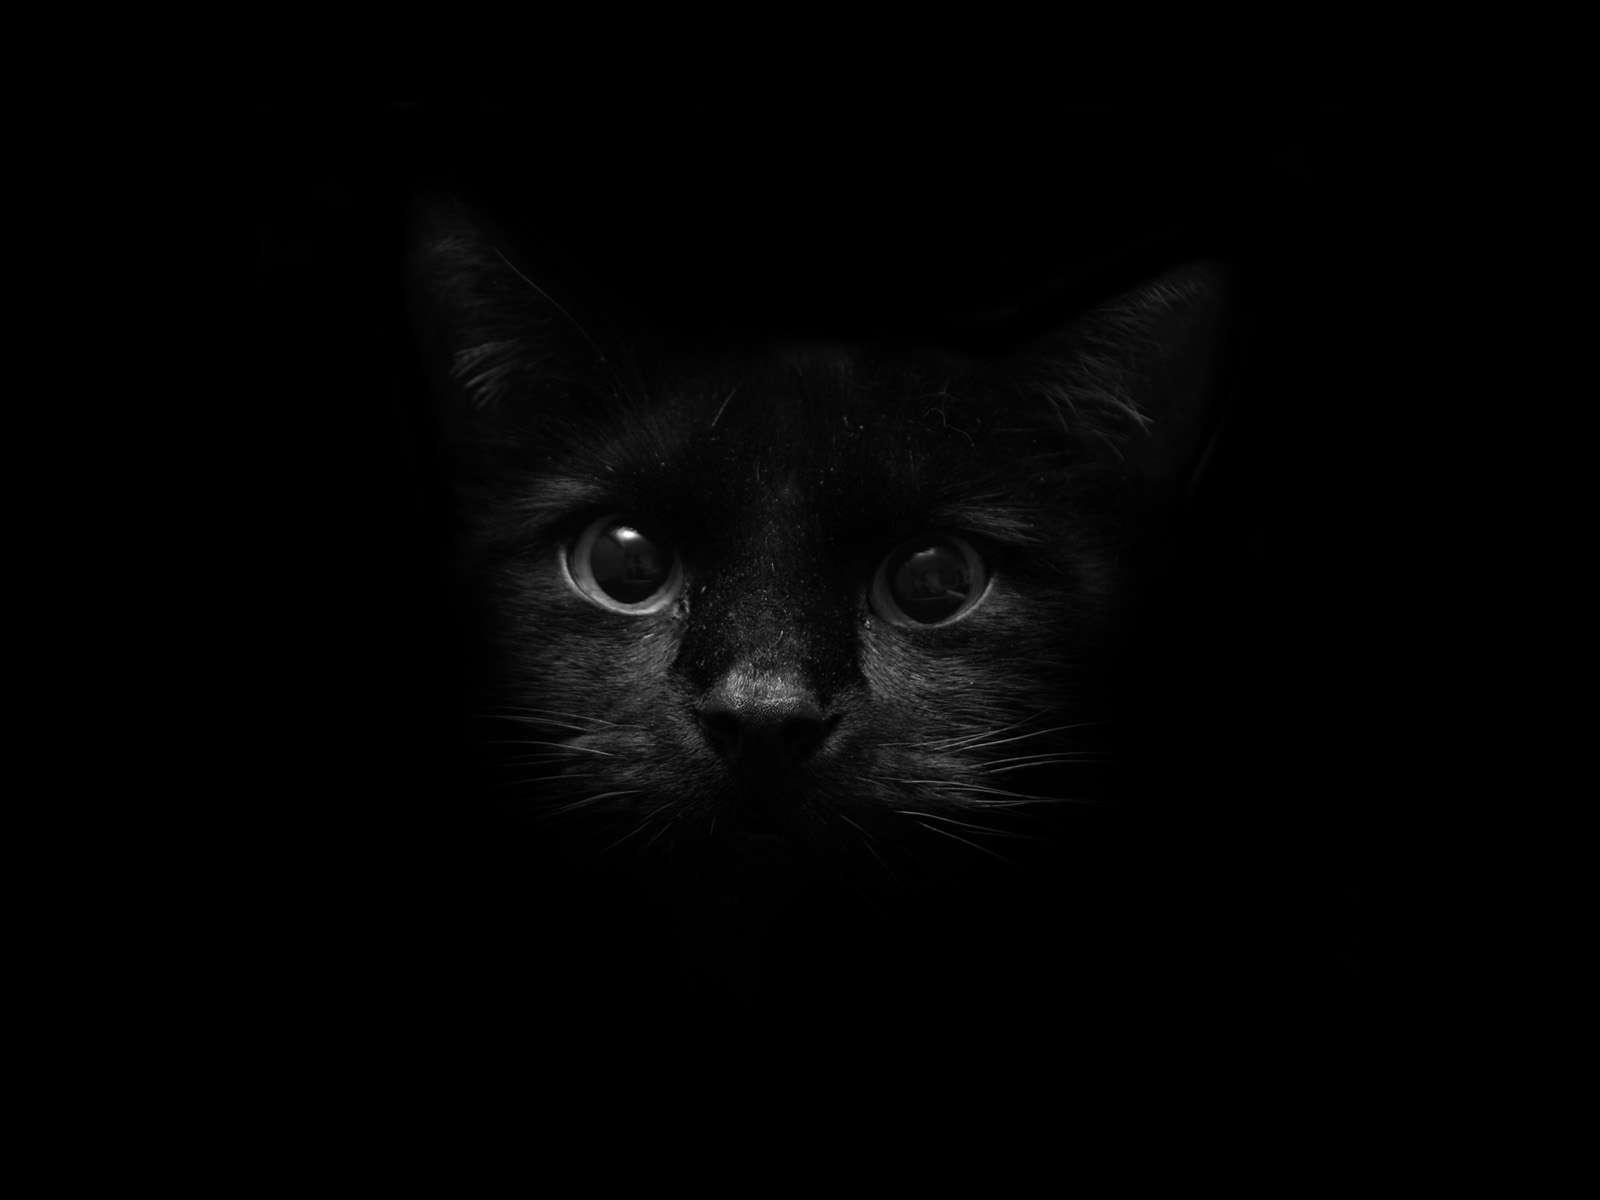 Cat Wallpaper 080